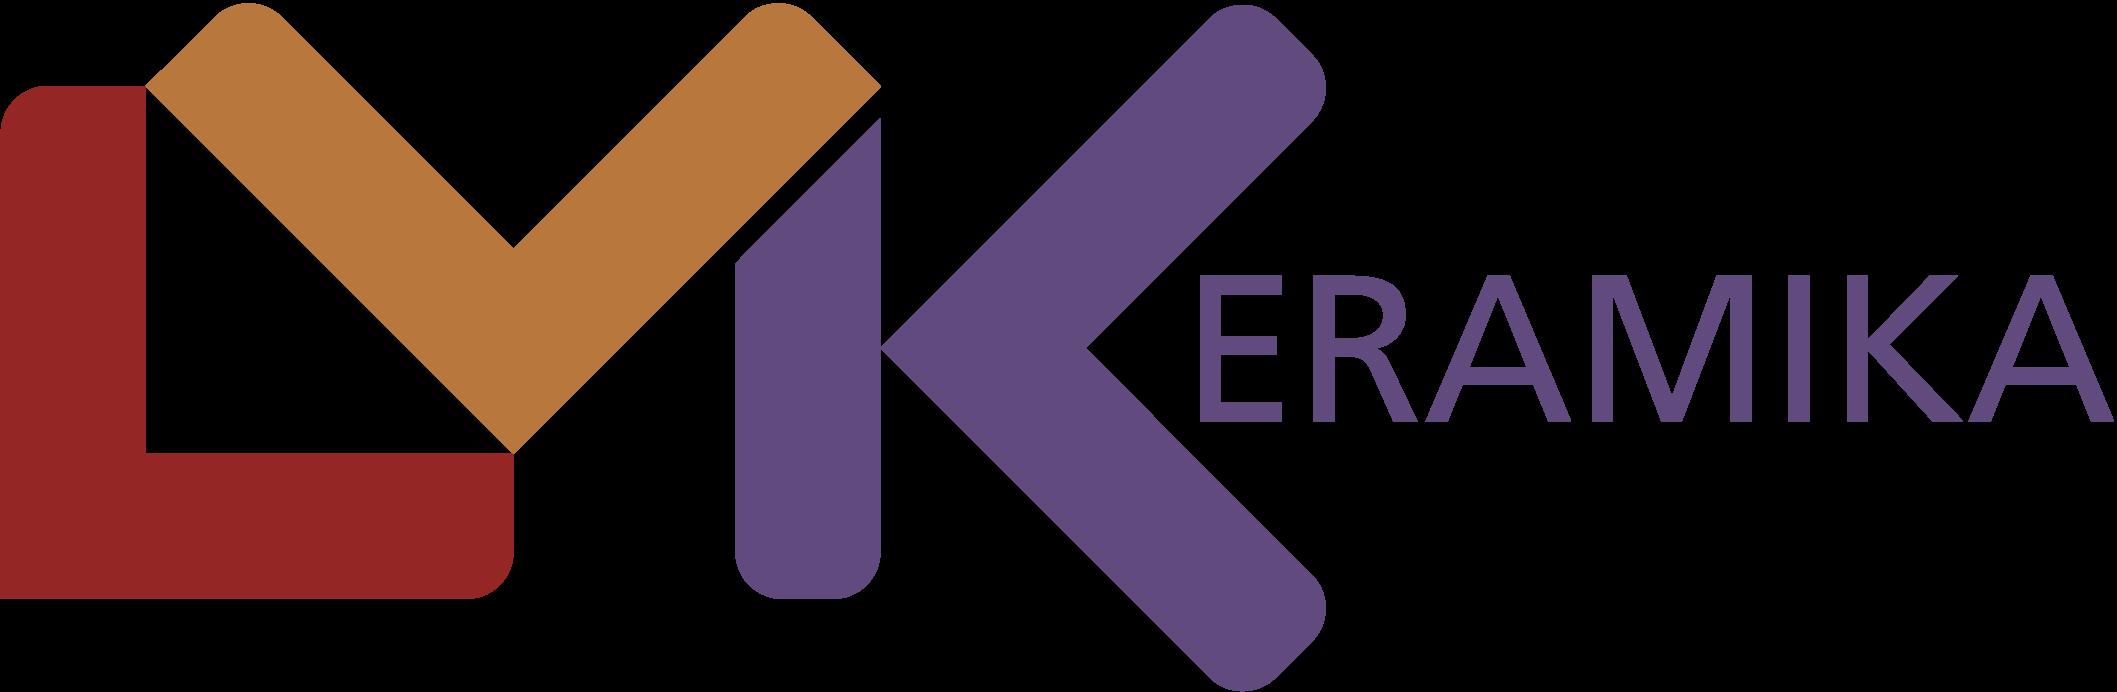 LVKeramika SIA Logo